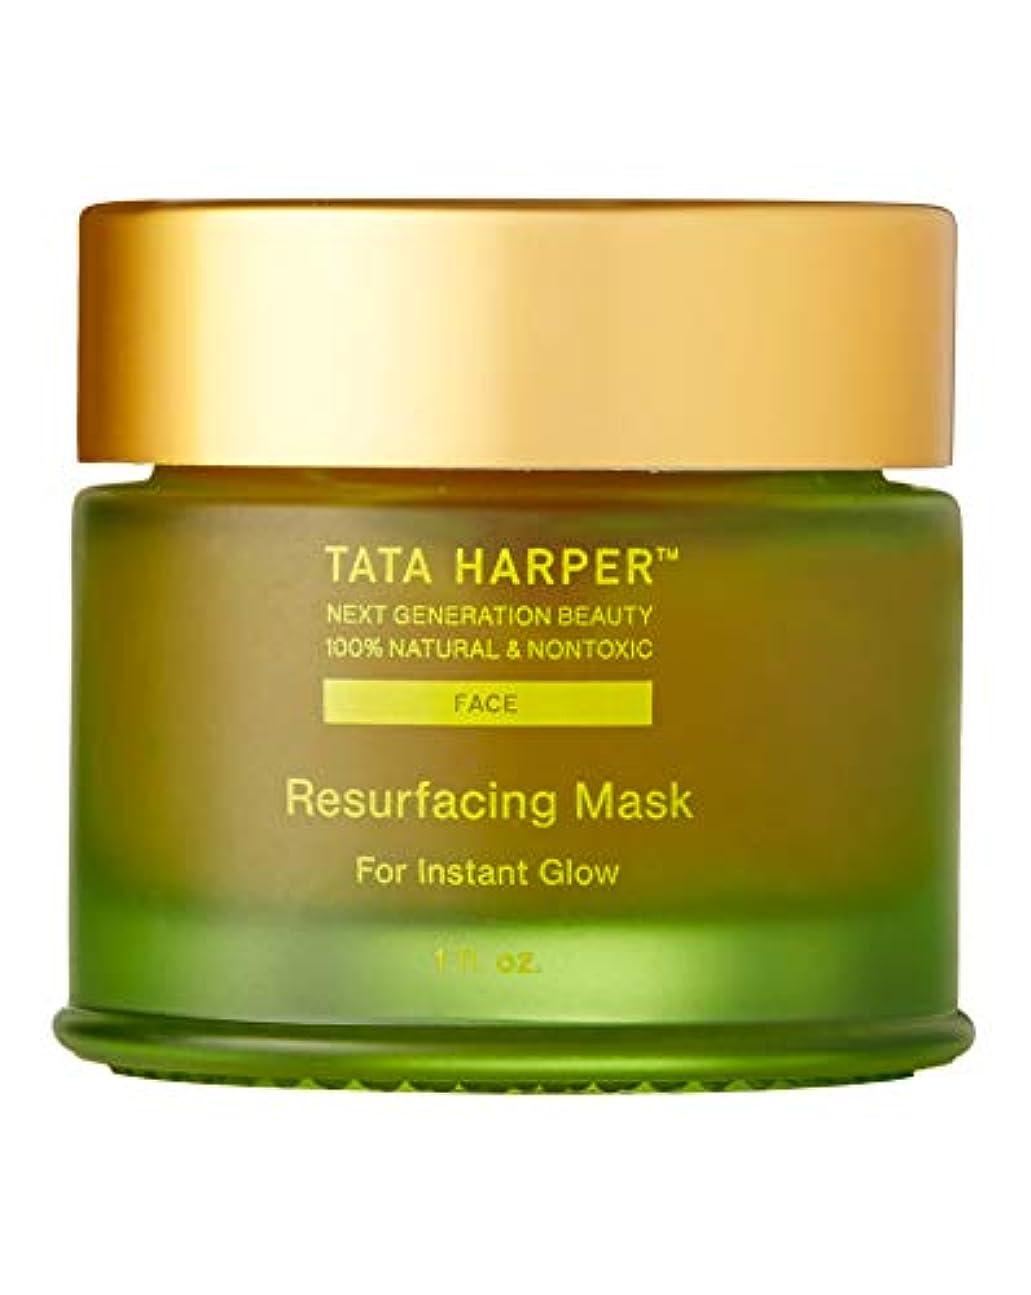 端末困惑ハイキングTata Harper Resurfacing Mask 30ml タタハーパー リサーフェシング マスク